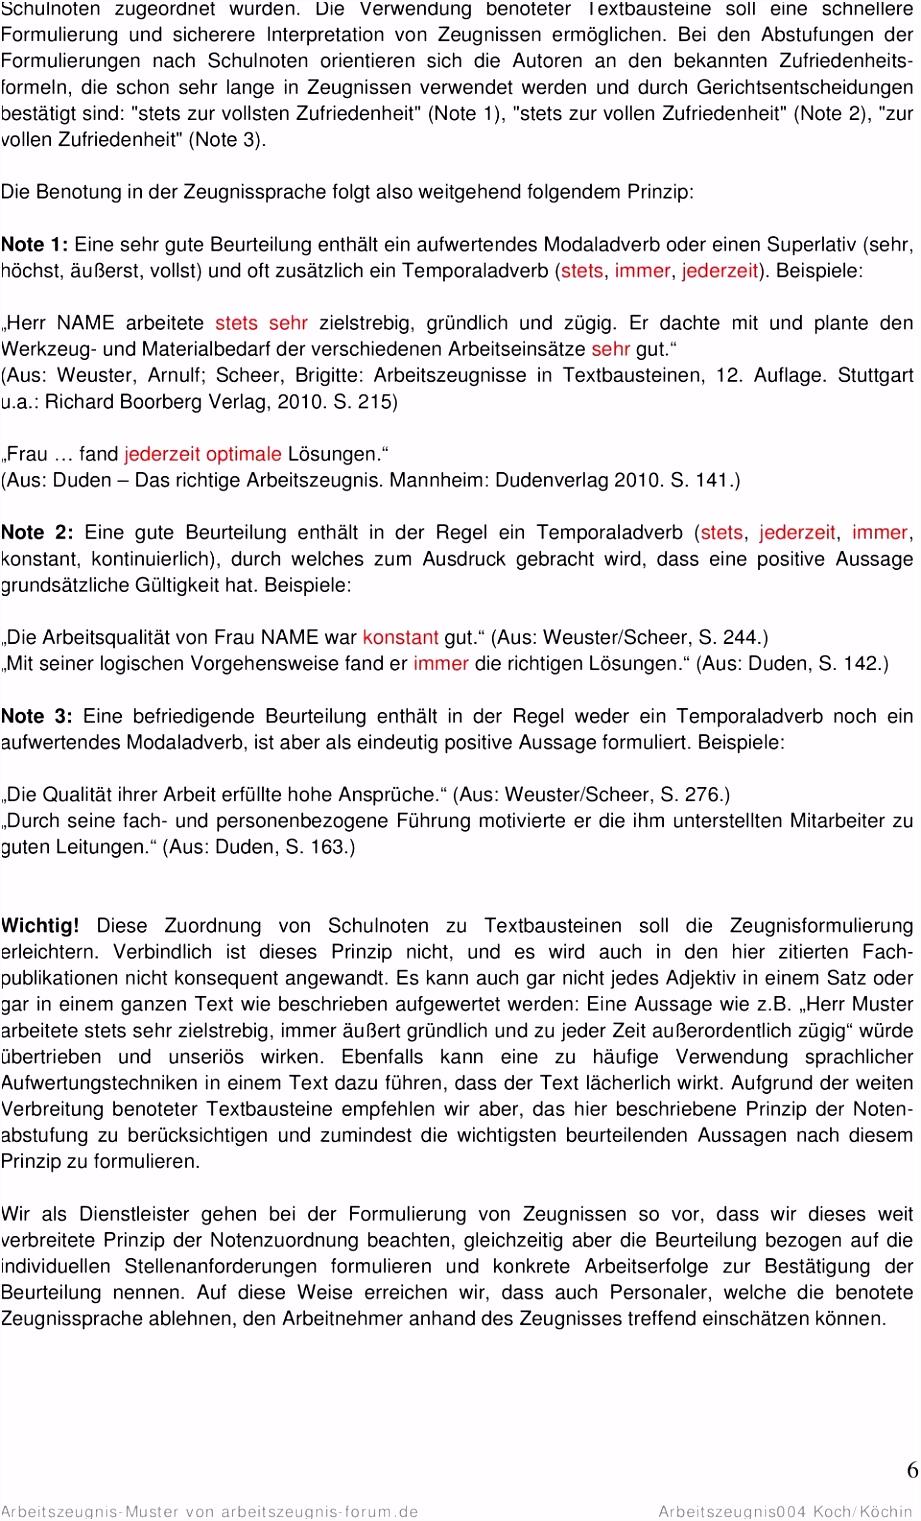 Arbeitszeugnis Muster von arbeitszeugnis forum Arbeitszeugnis004